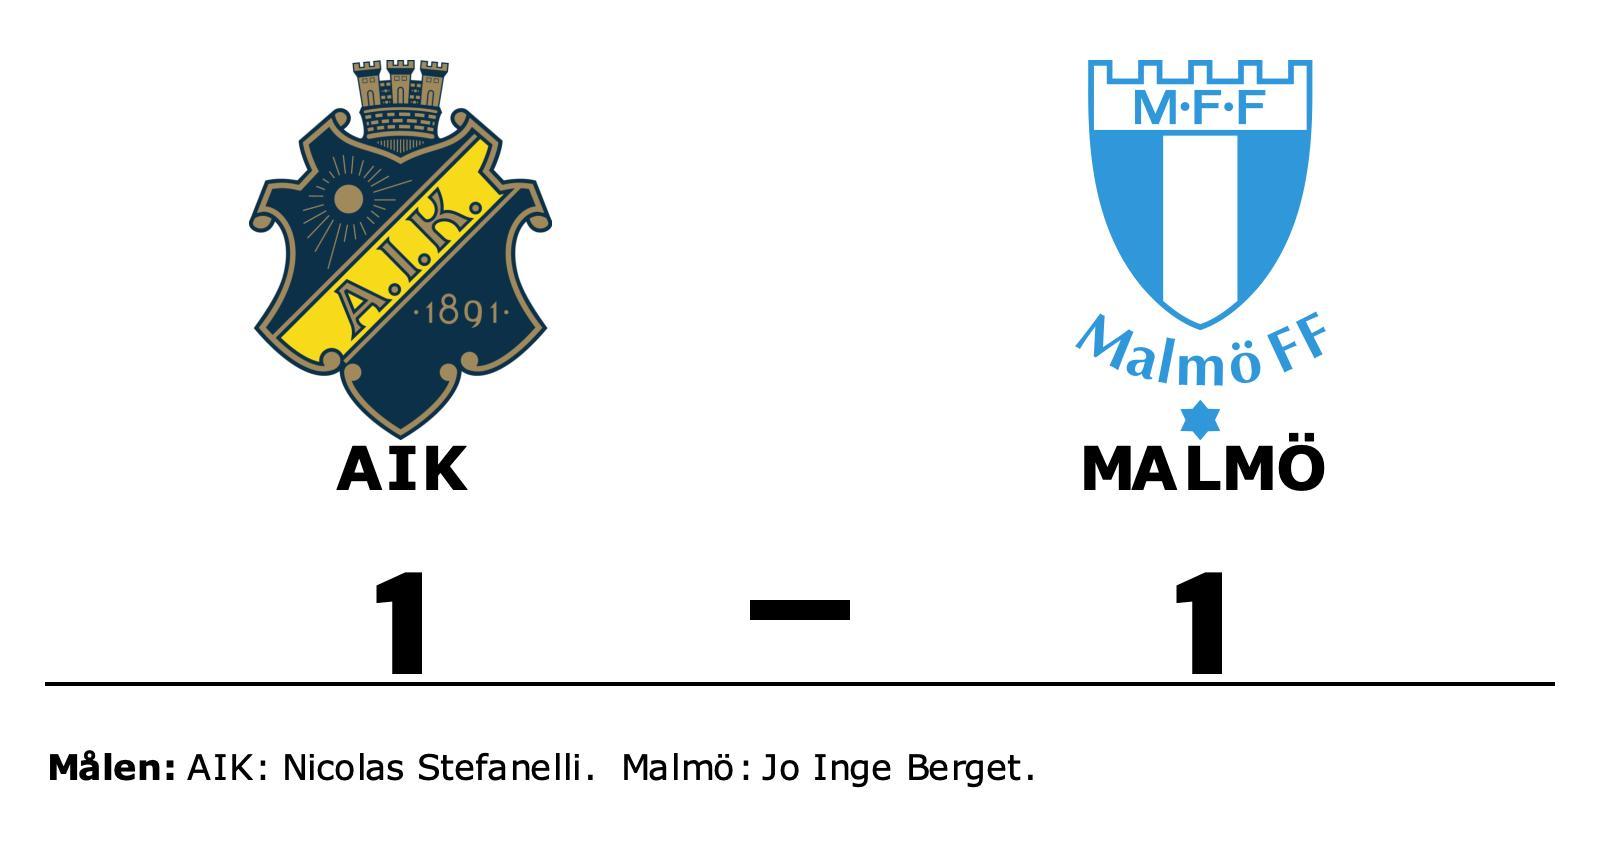 Nicolas Stefanelli räddade poäng när AIK kryssade mot Malmö